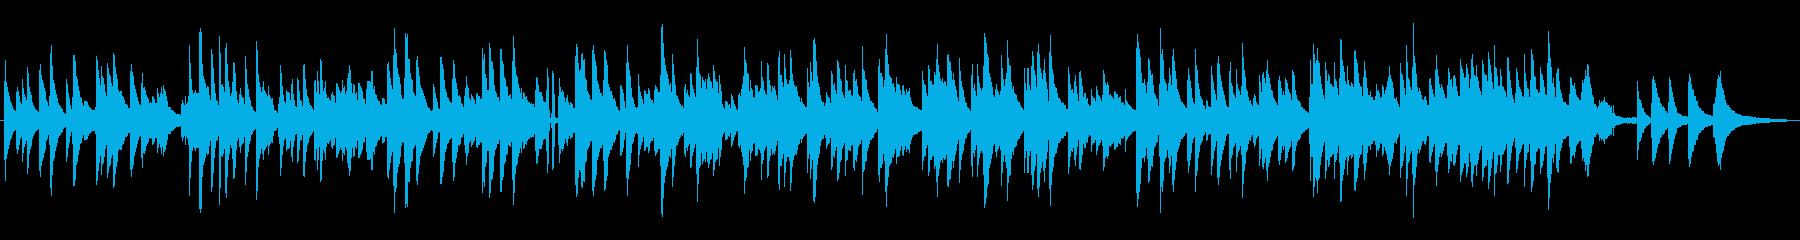 ゆっくりめのピアノソロ/ジャズラウンジの再生済みの波形